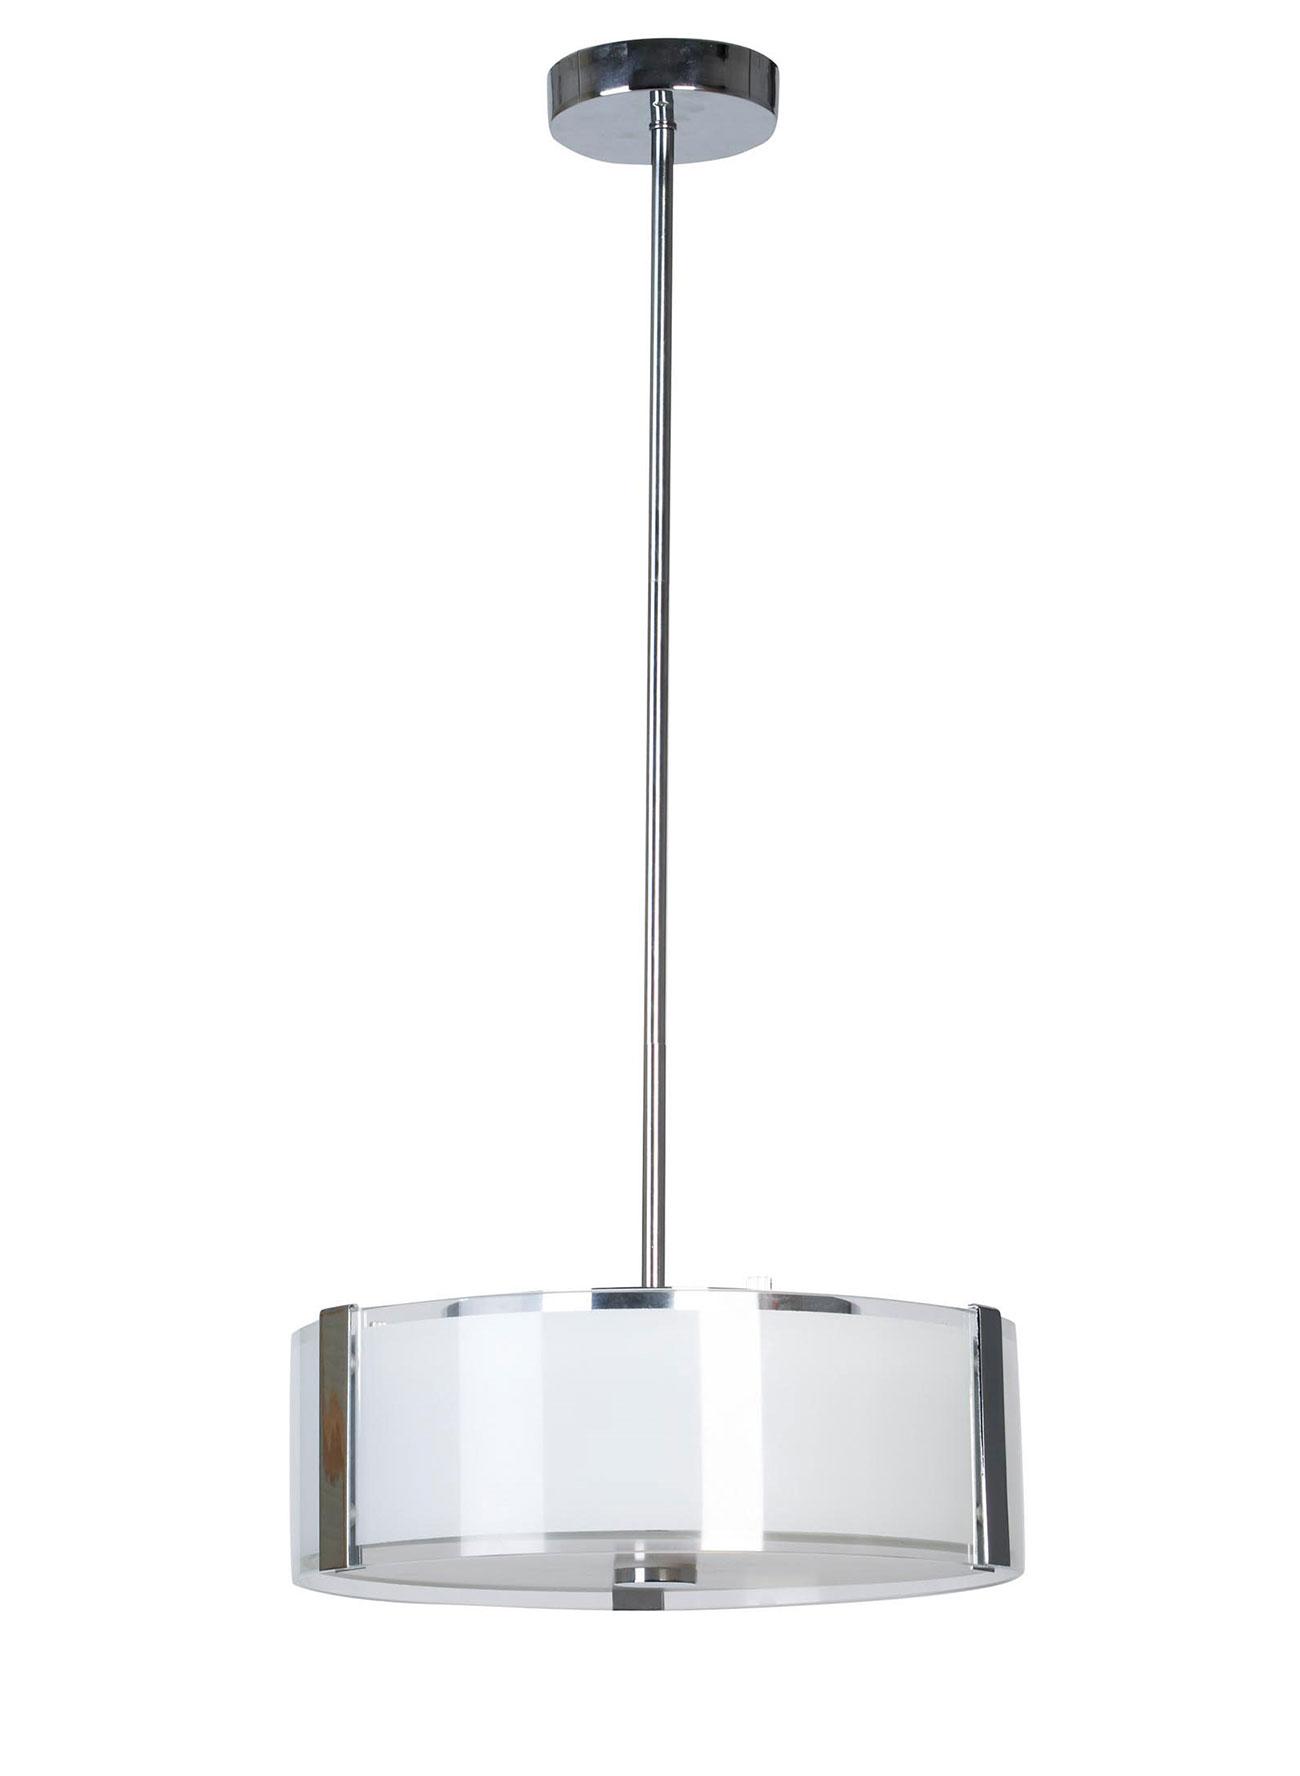 versa 5 light pendant chrome mp2225 online lighting